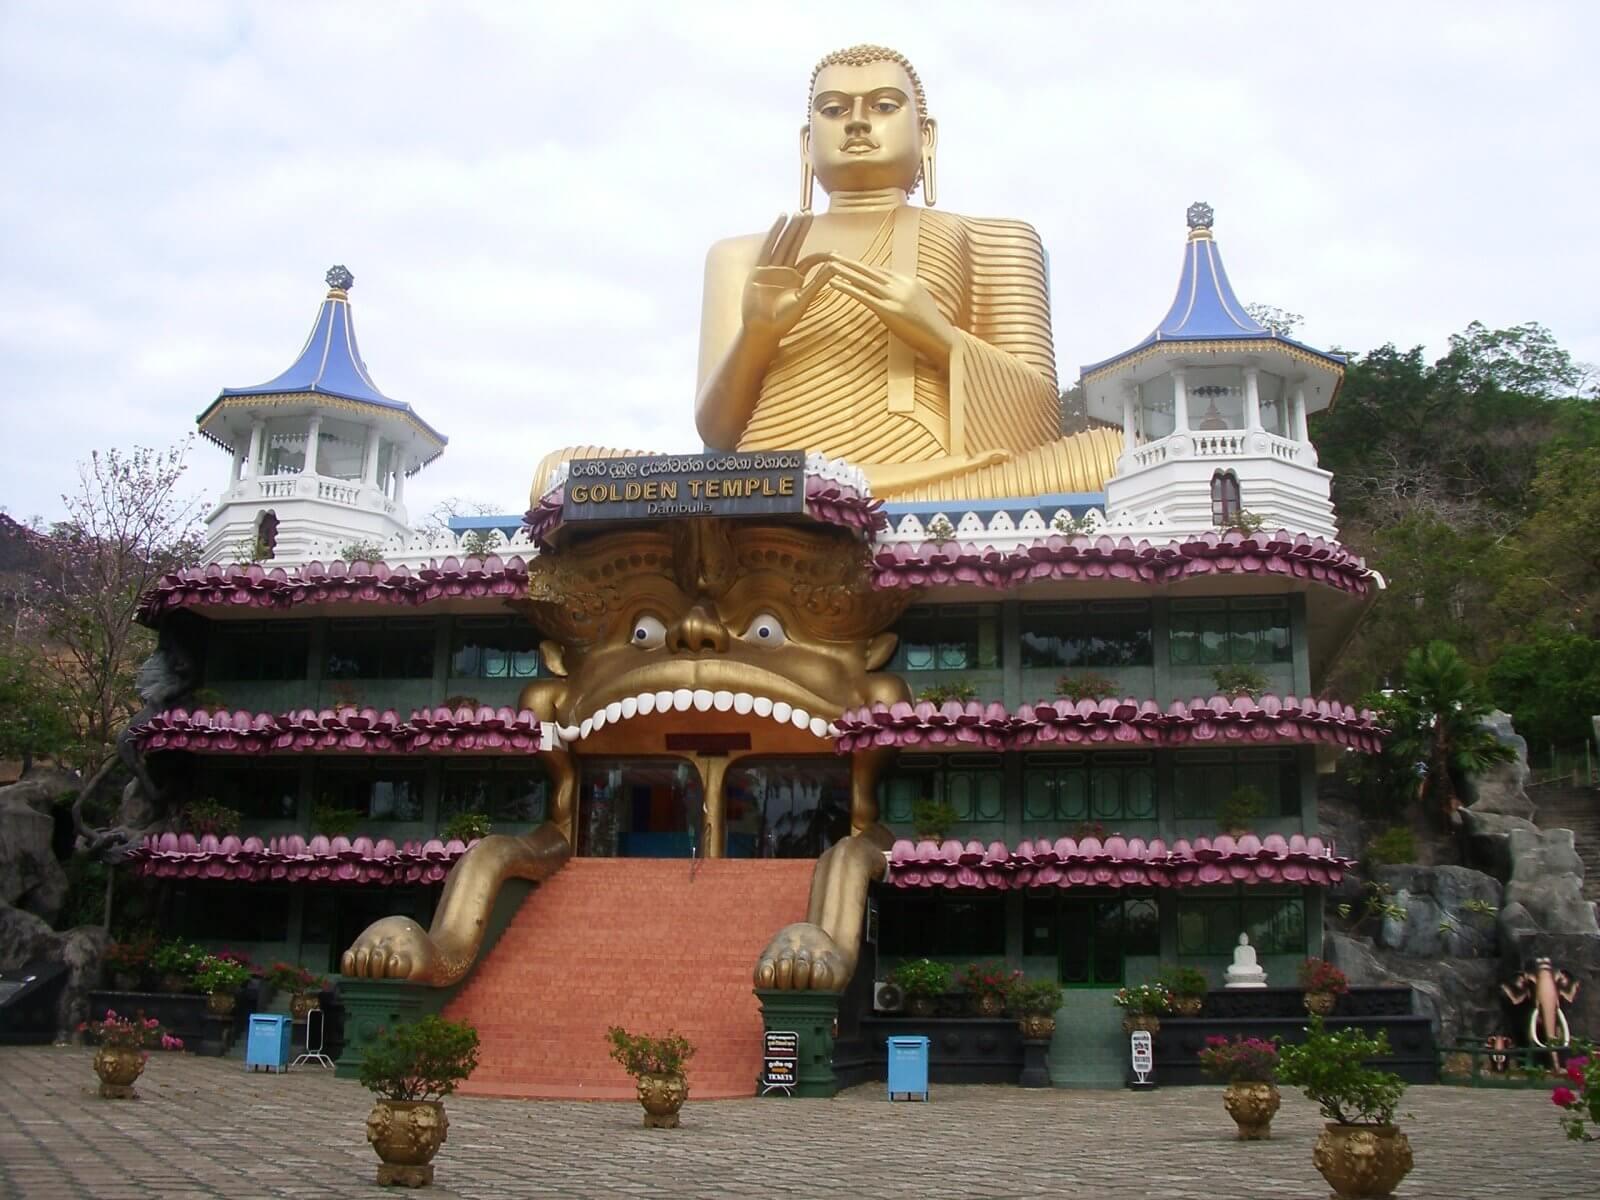 スリランカ ダンブッラ石窟寺院